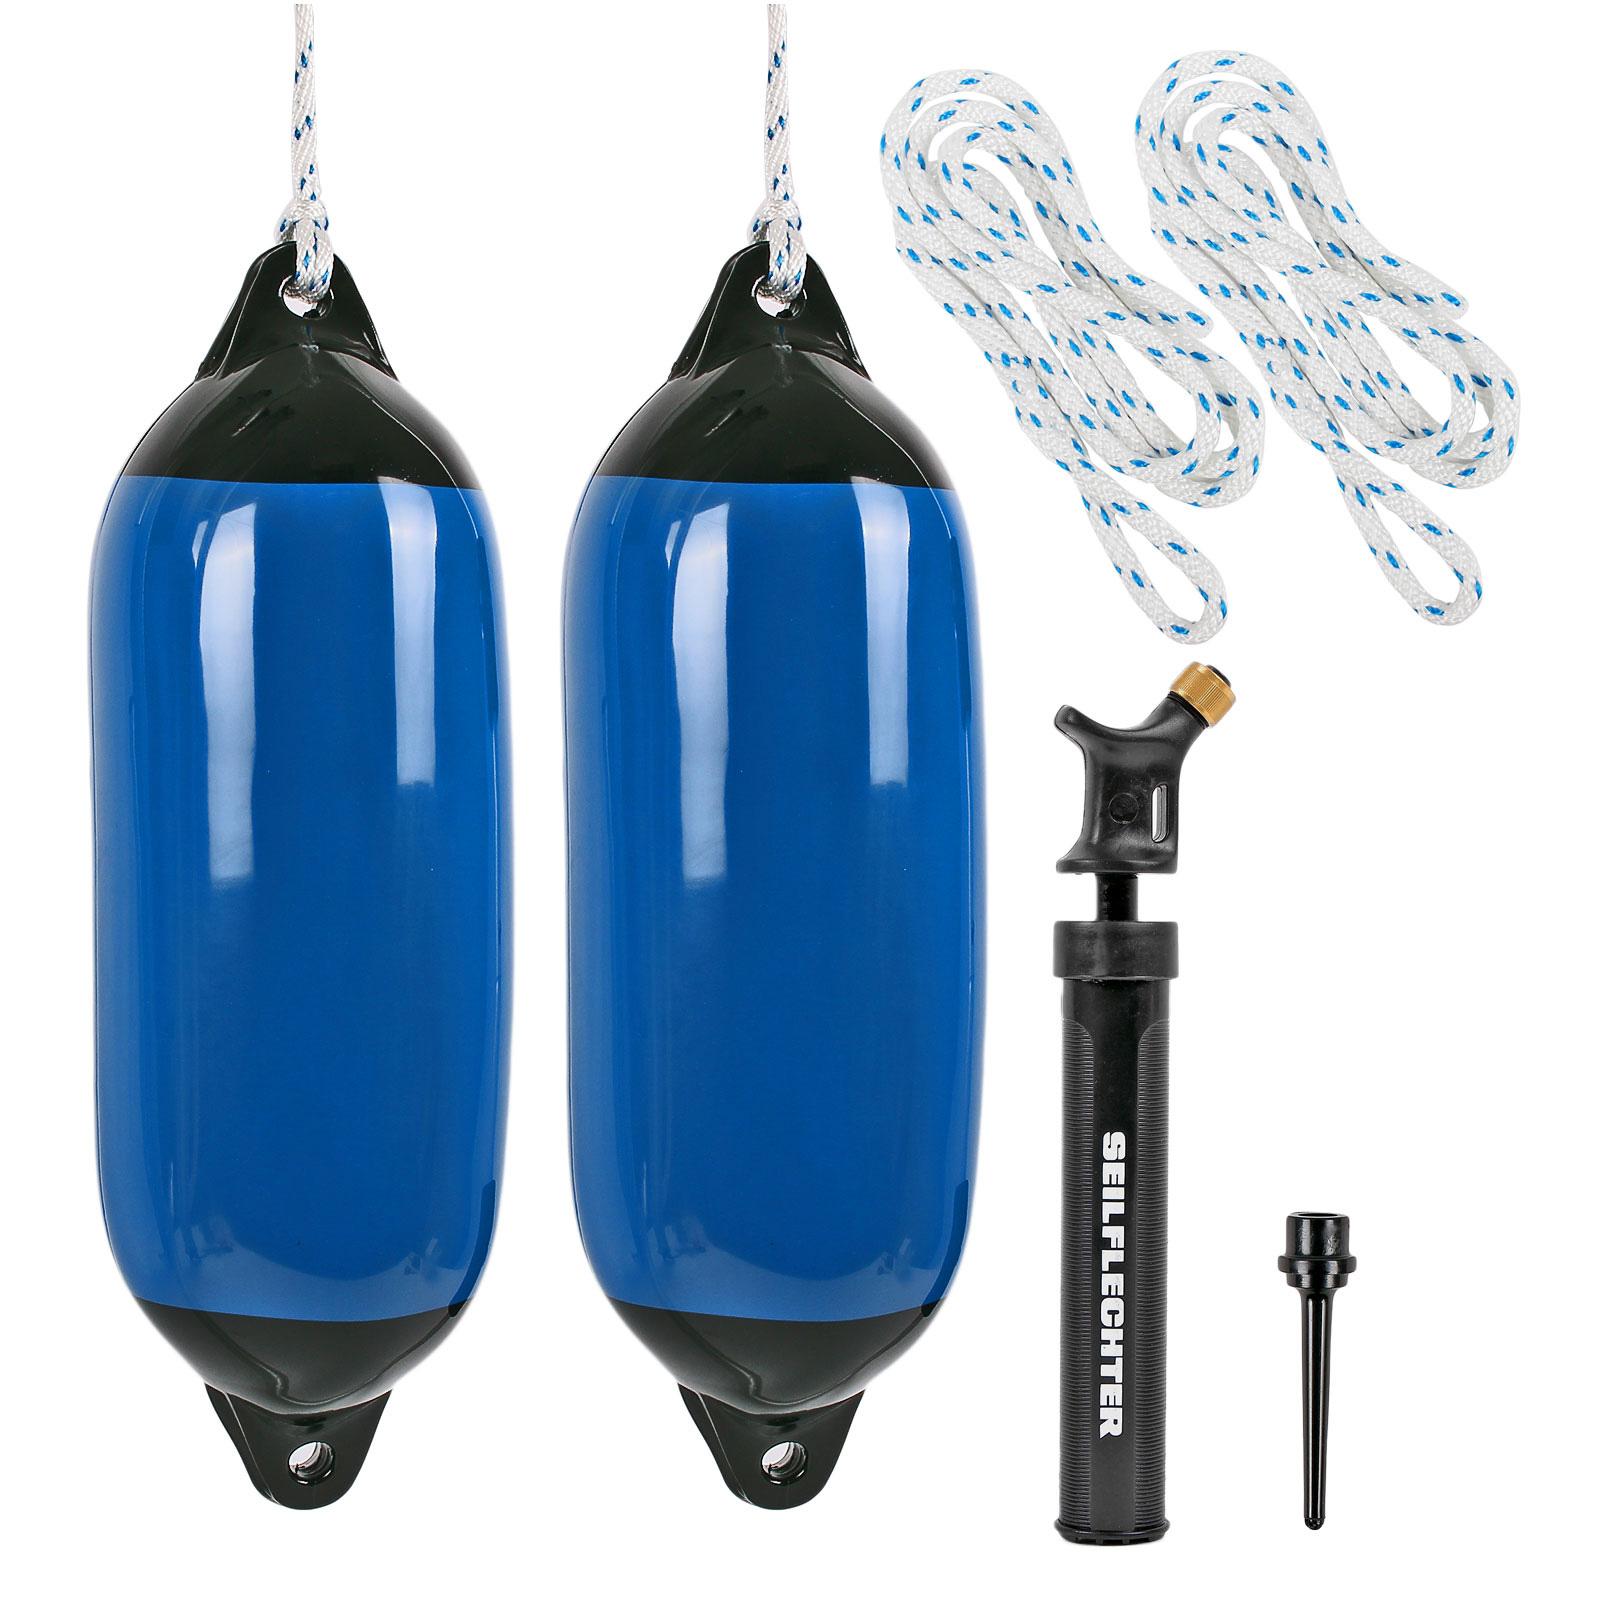 2x Fender blau klein mit Pumpe und 2x Fenderleine